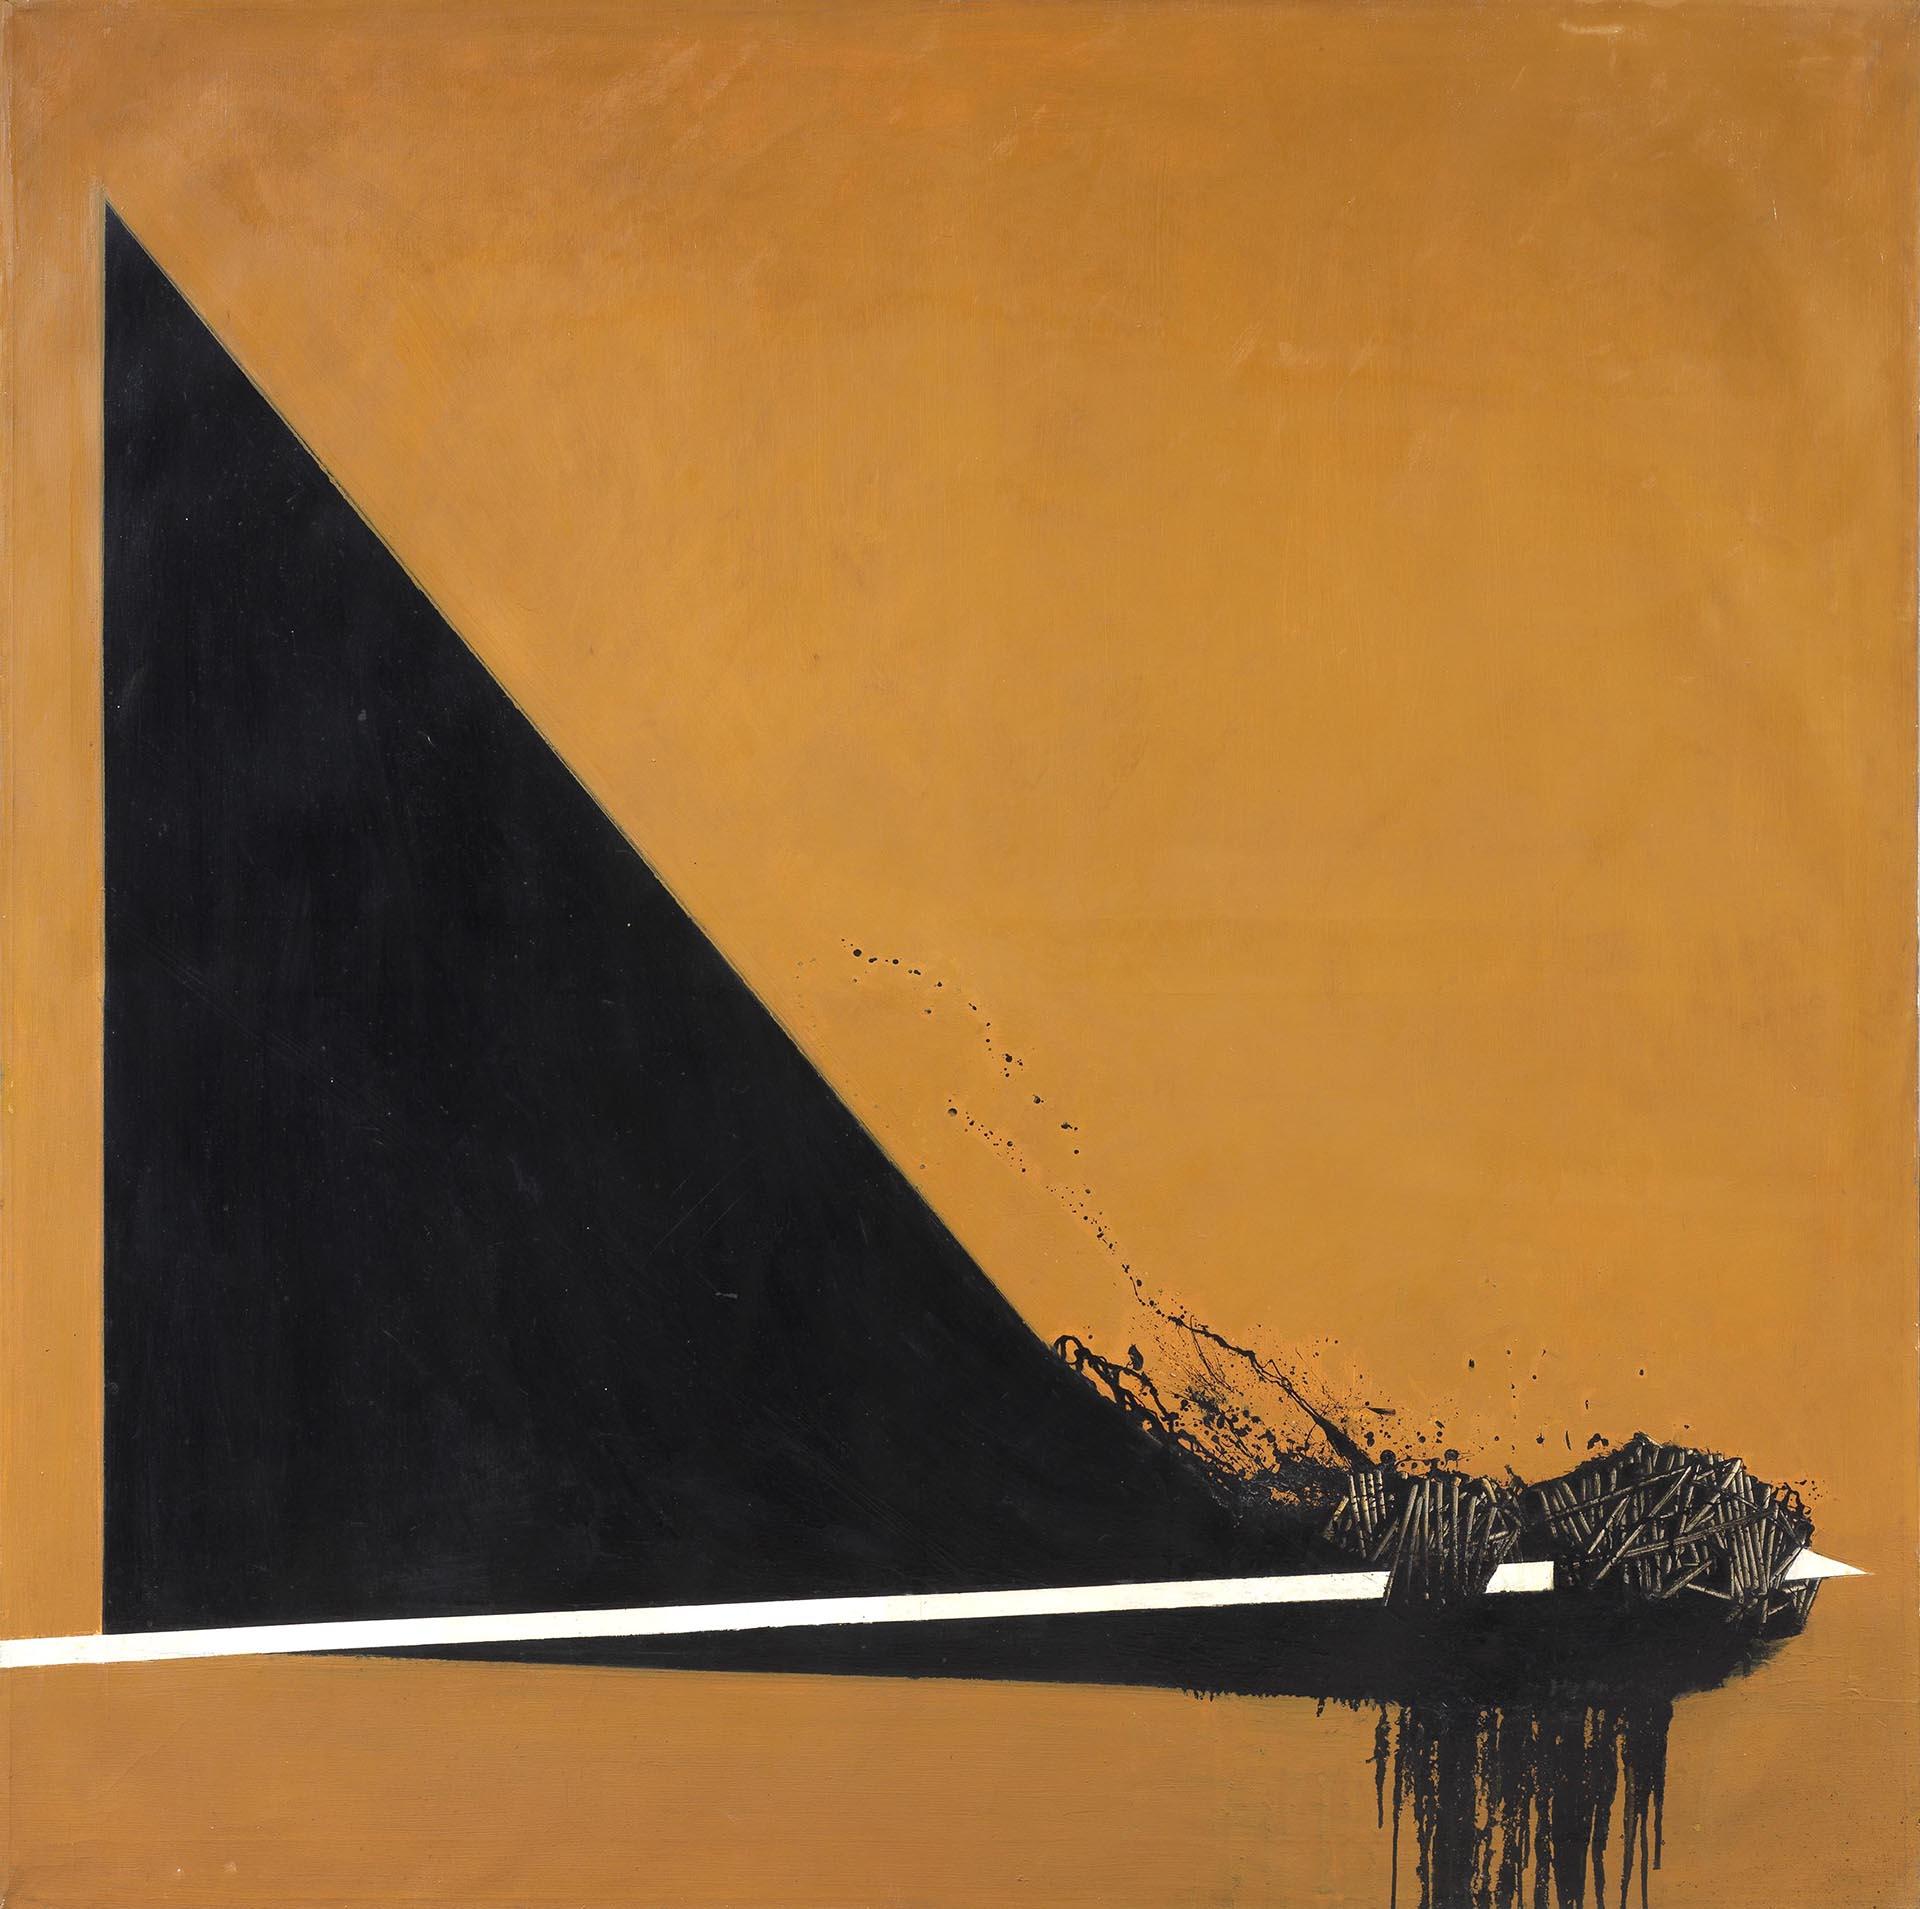 Scanavino, Violazione, 1968, 150x150 cm